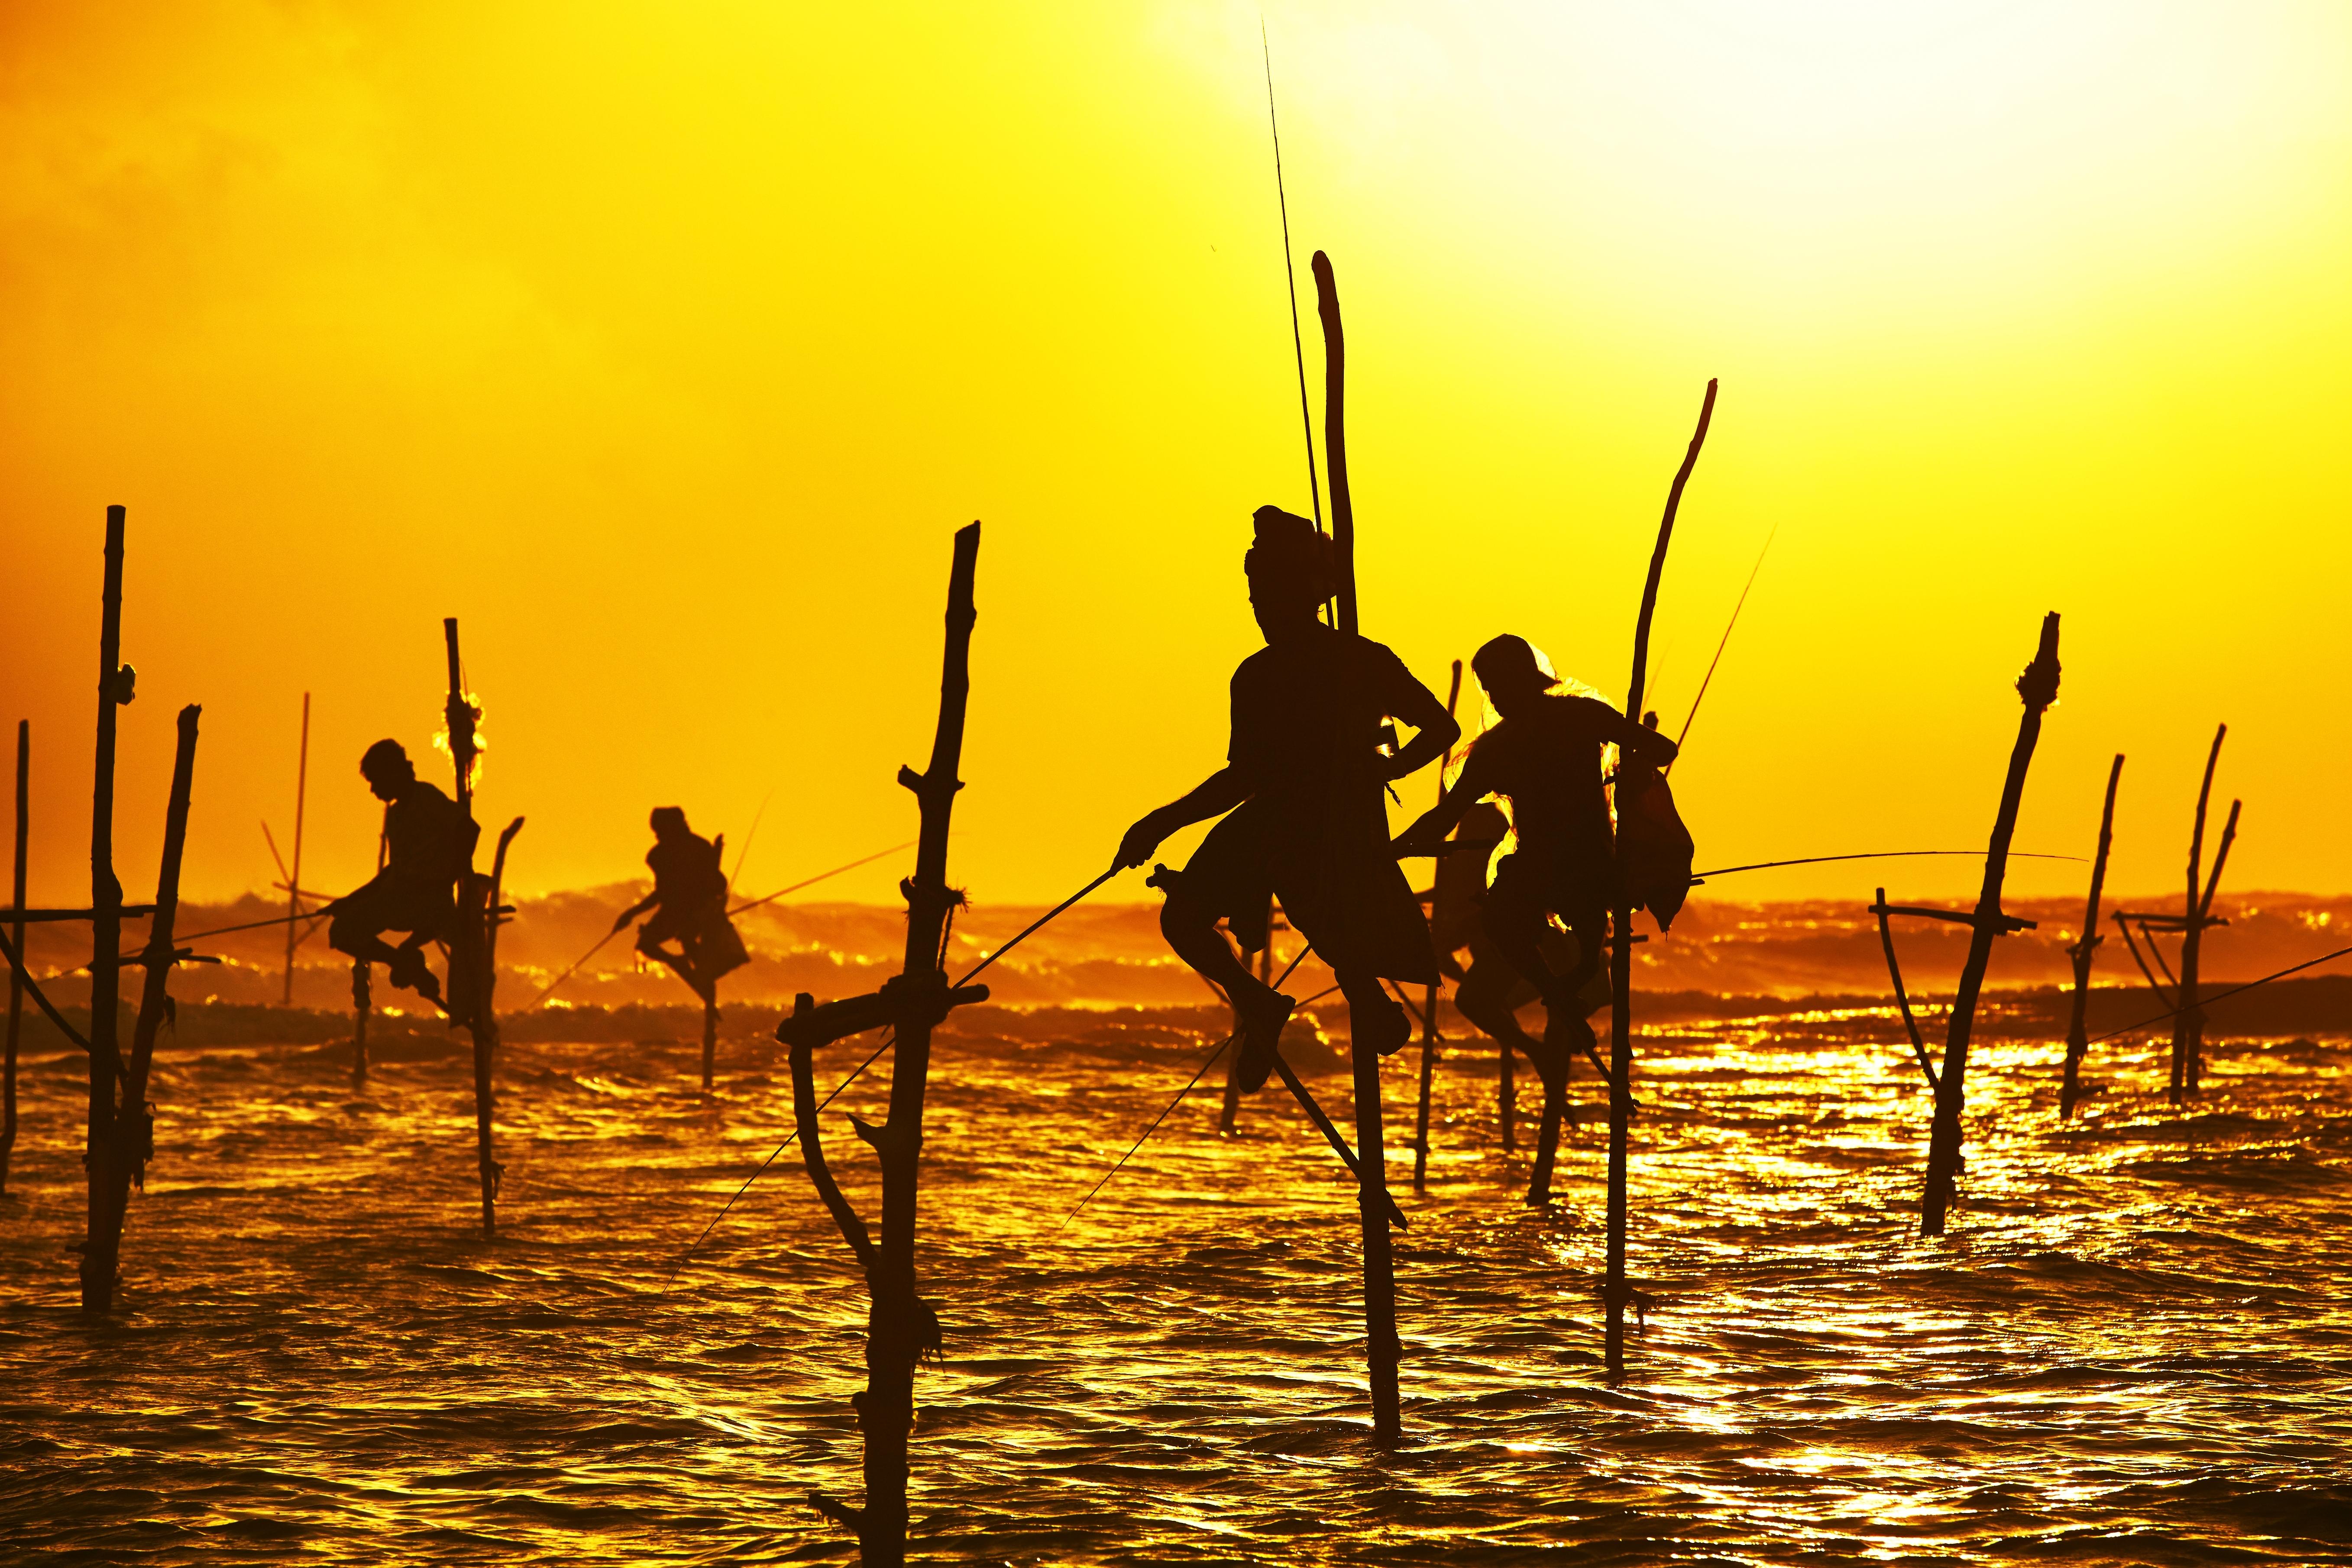 Fisherman on Stilts, Galle